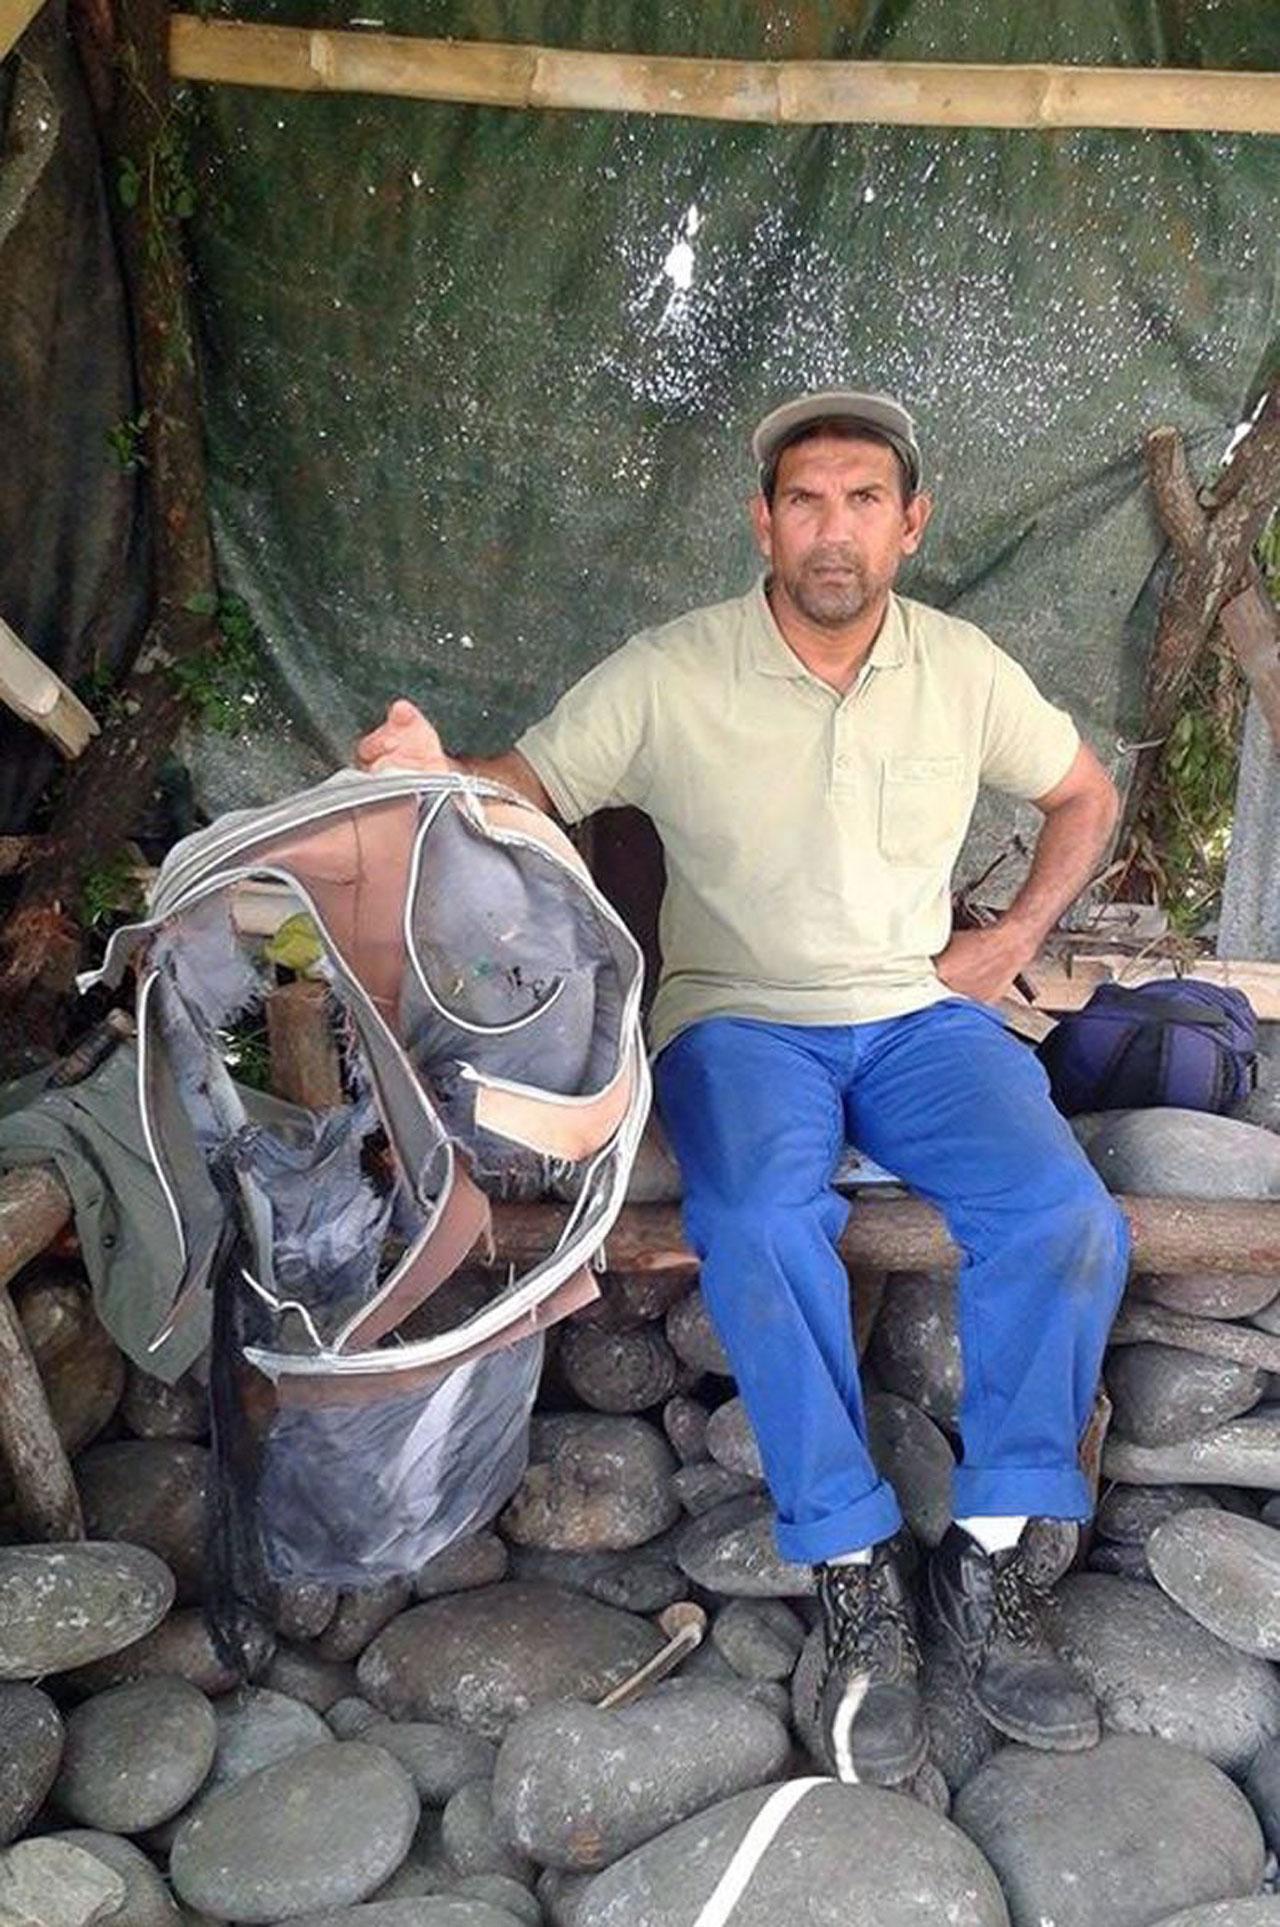 ดังไม่เจตนา–นายจอห์นนี เบเก้ คนสวนของสภาเมืองแซงต์อองเดร บนเกาะเรอูนียงของฝรั่งเศส หนึ่งในพนักงานทำความสะอาดชายหาด โชว์กระเป๋าต้องสงสัยที่เขาพบพร้อมชิ้นส่วนปีกเครื่องบินโบอิ้ง 777 เป็นคนแรก ซึ่งอาจเป็นซากเครื่องบินเอ็มเอช 370 ที่หายสาบสูญ ไปเมื่อ 16 เดือนก่อน (เอเอฟพี)